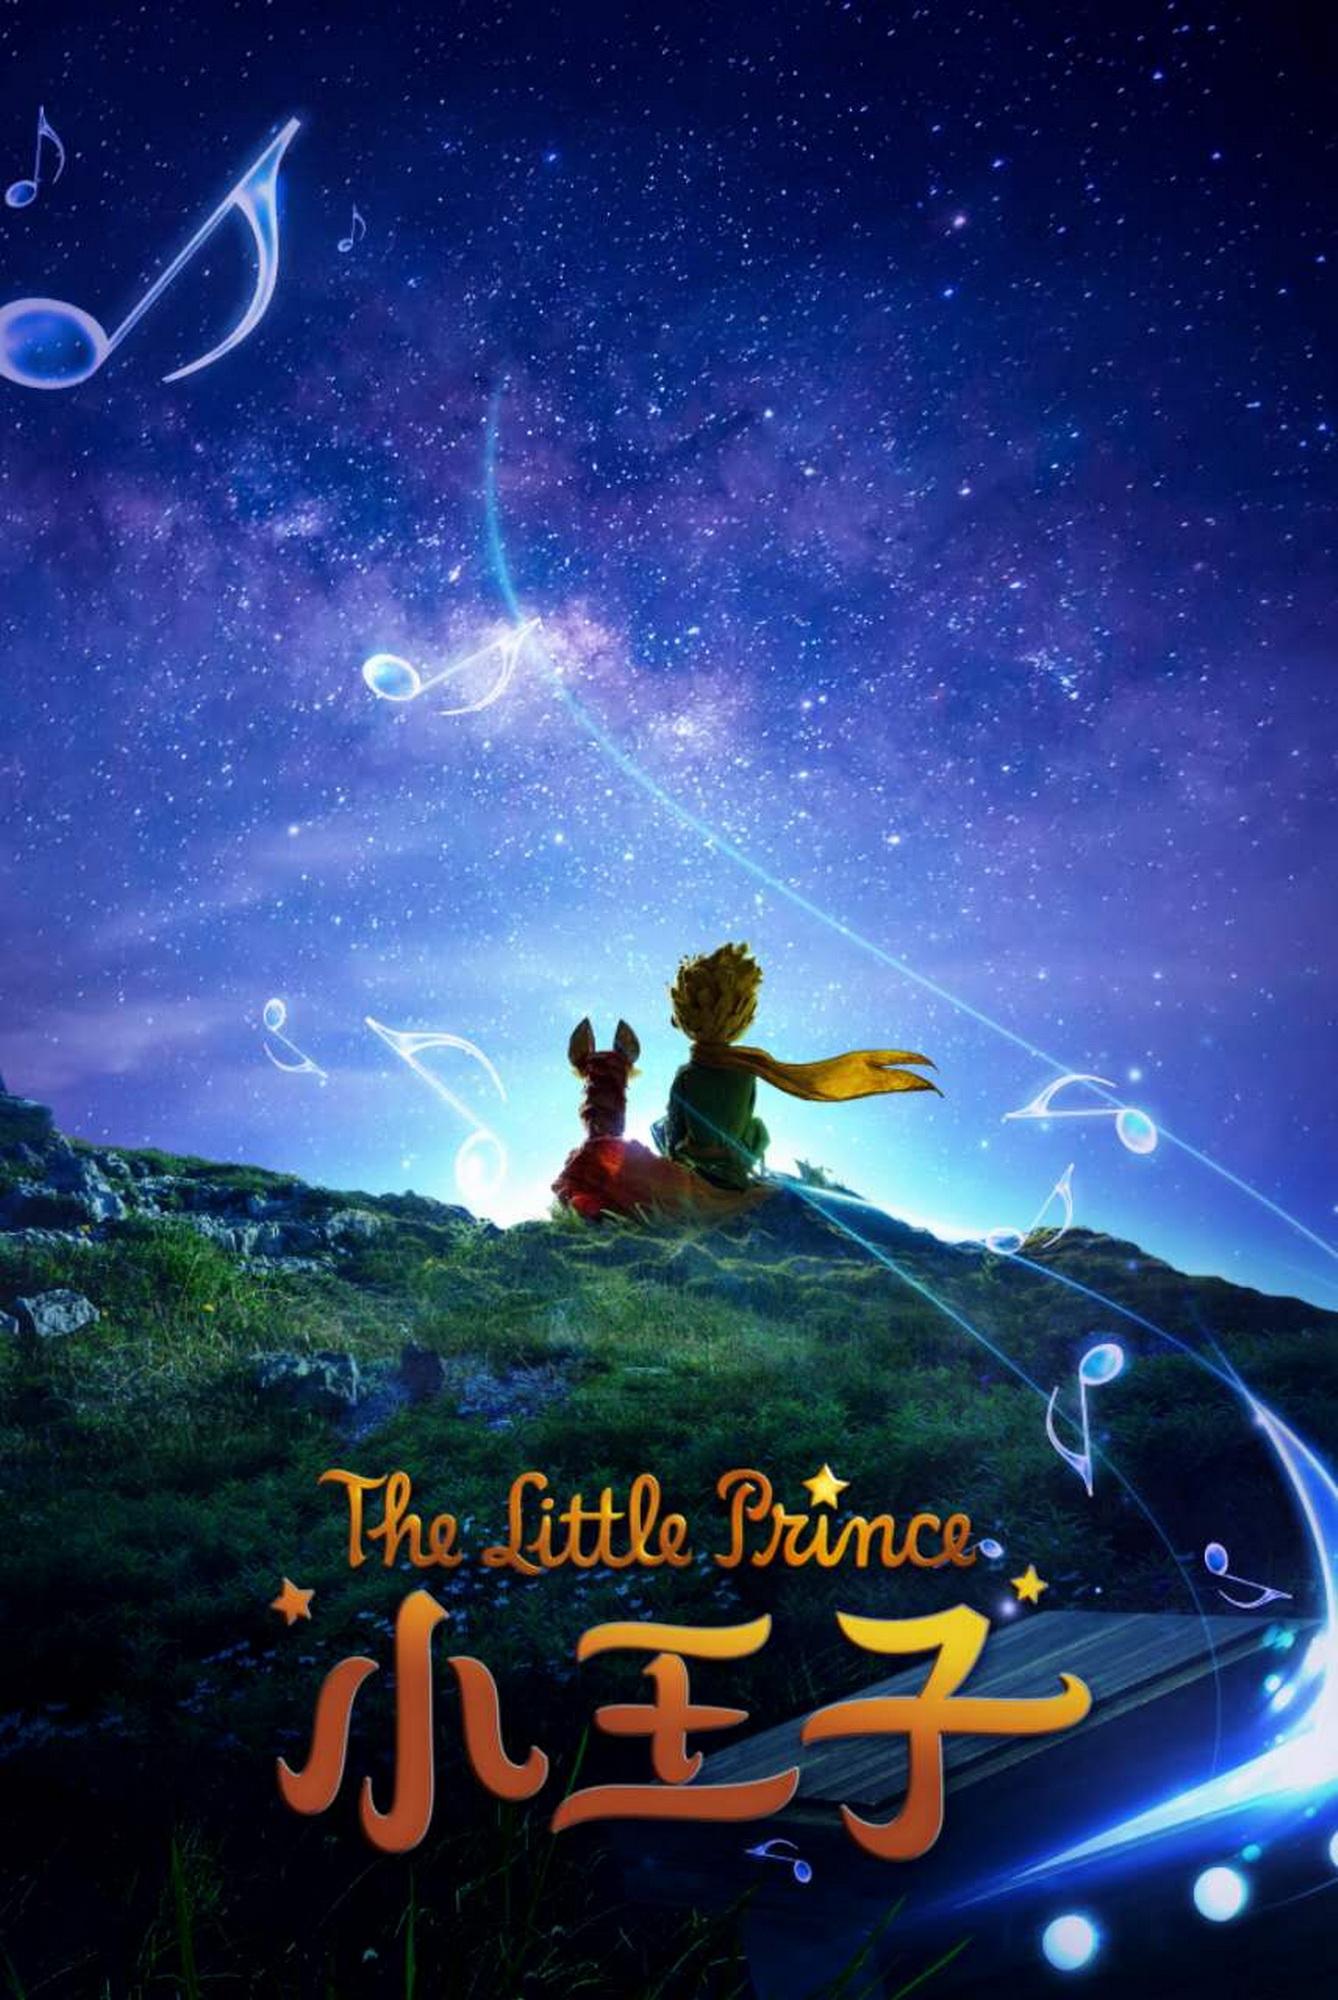 《小王子》是作家安东尼德圣-埃克苏佩里于1942写成的著名法国儿童文学短篇小说。本书的主人公是来自外星球的小王子。书中以一位飞行员作为故事叙述者,讲述了小王子从自己星球出发前往地球的过程中,所经历的各种历险。作者以小王子的孩子式的眼光,透视出成人的空虚、盲目和愚妄,用浅显天真的语言写出了人类的孤独寂寞、没有根基随风流浪的命运。同时,也表达出作者对金钱关系的批判,对真善美的讴歌。          ,